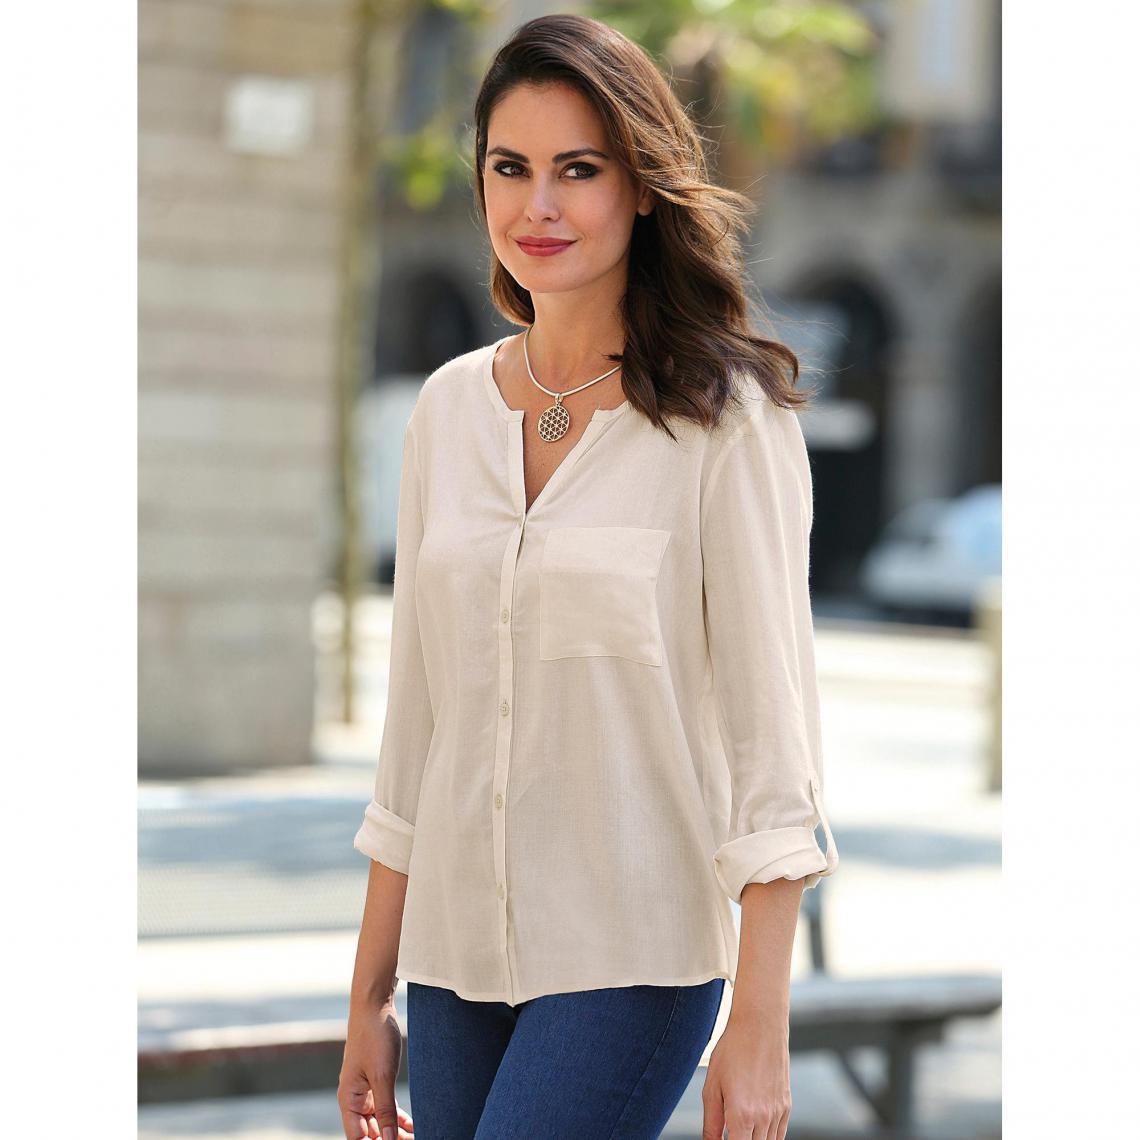 Chemise femme - Blanc - 3 SUISSES - Modalova